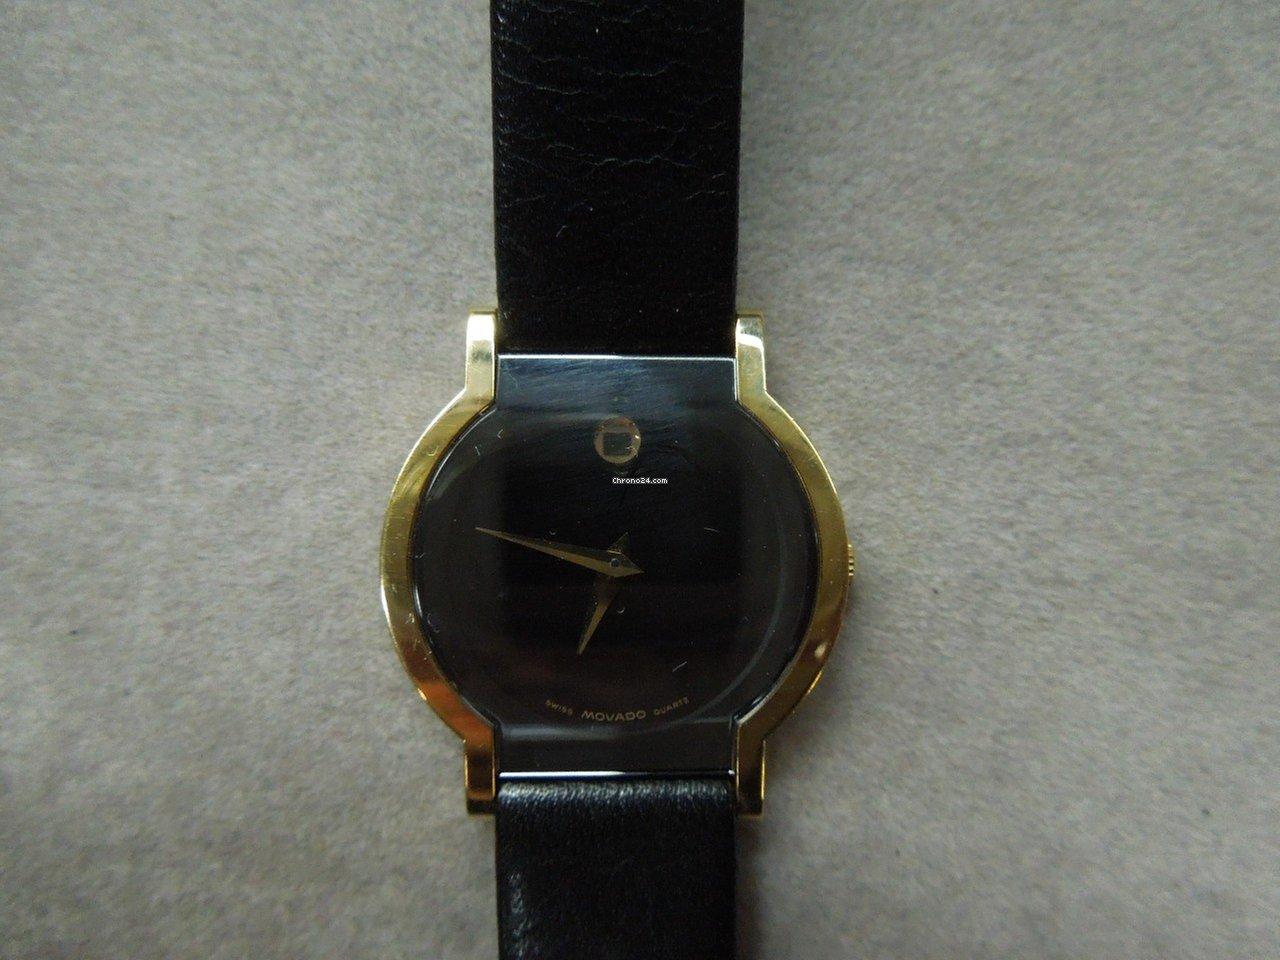 3b5a3ba4dcee Relojes Movado - Precios de todos los relojes Movado en Chrono24